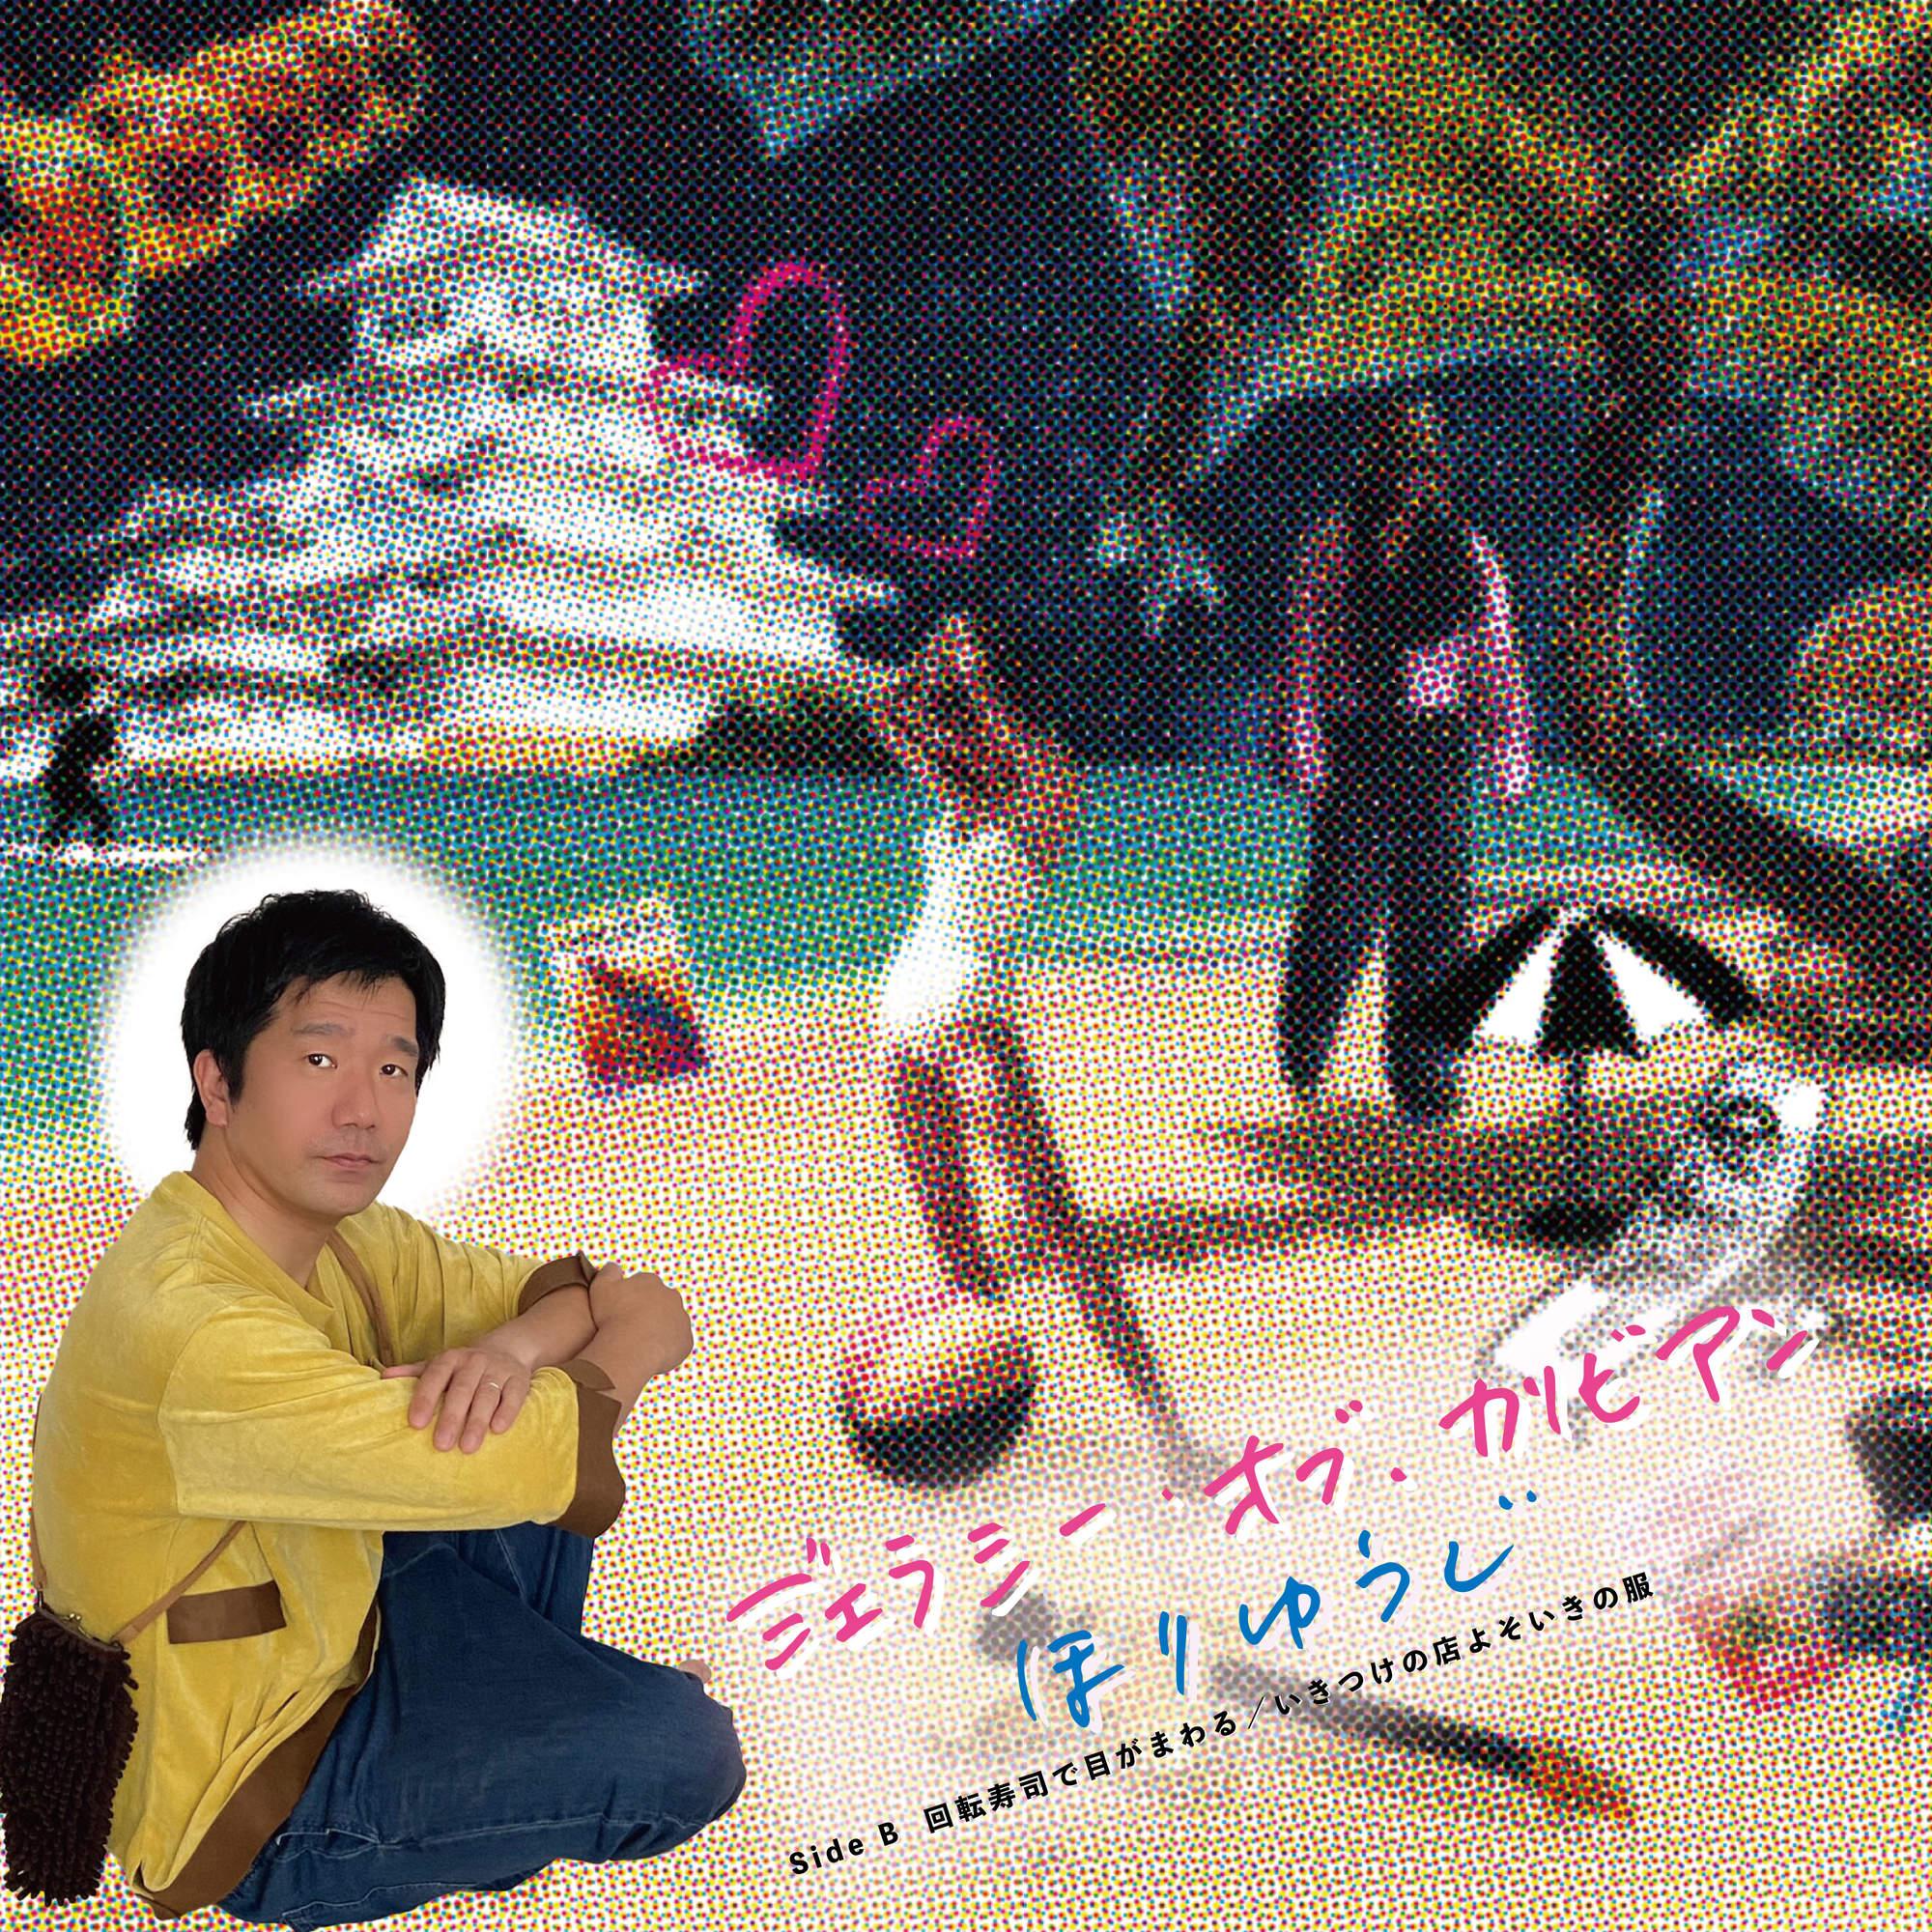 ほりゆうじ7inchシングル『ジェラシー・オブ・カリビアン』8月13日リリース決定!!